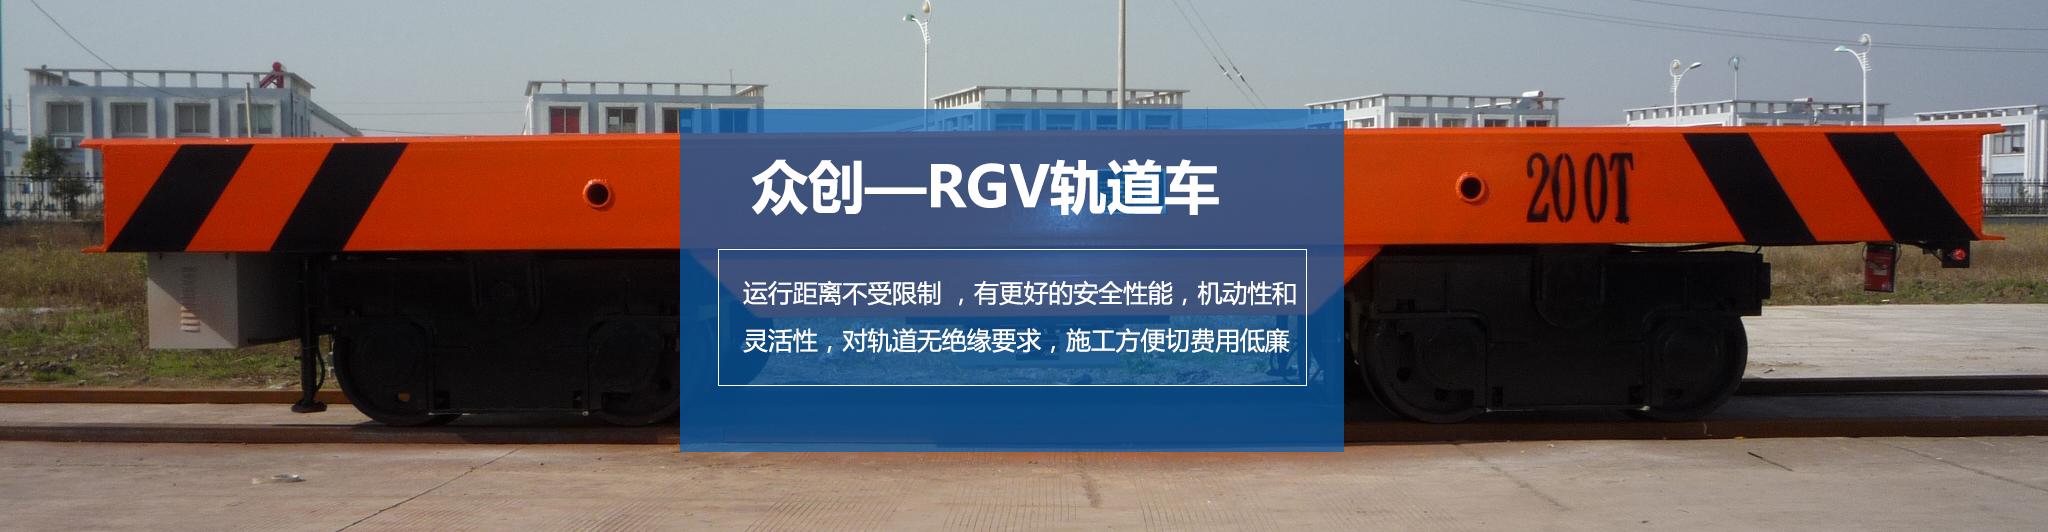 RGV轨道车